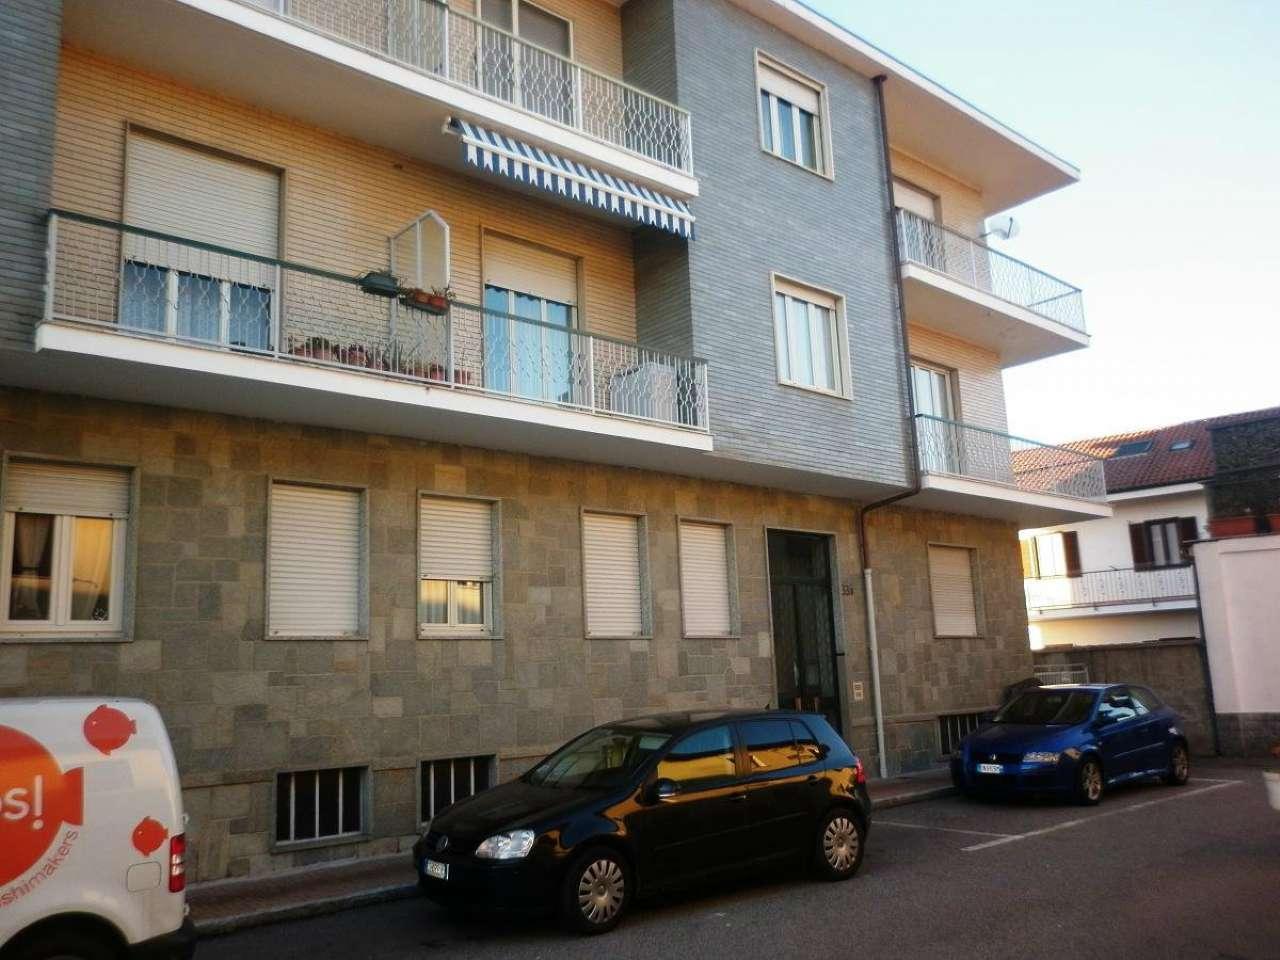 Appartamento in vendita a Orbassano, 3 locali, prezzo € 110.000 | CambioCasa.it